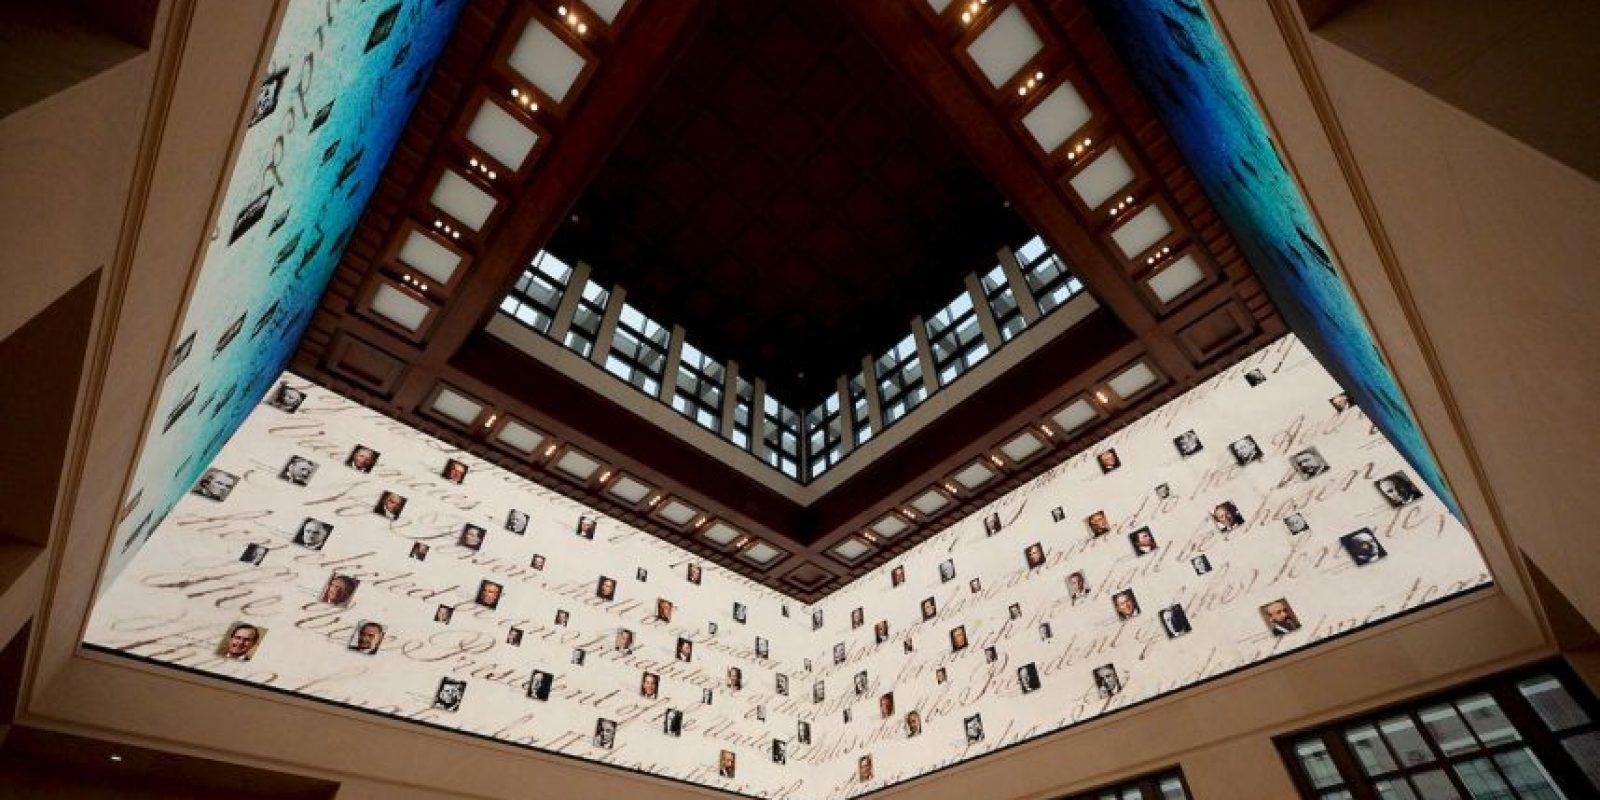 Los videos 360 son muy parecidos a una atmósfera envolvente, conocidas en los planetarios o salas con multi pantallas. Foto:Getty